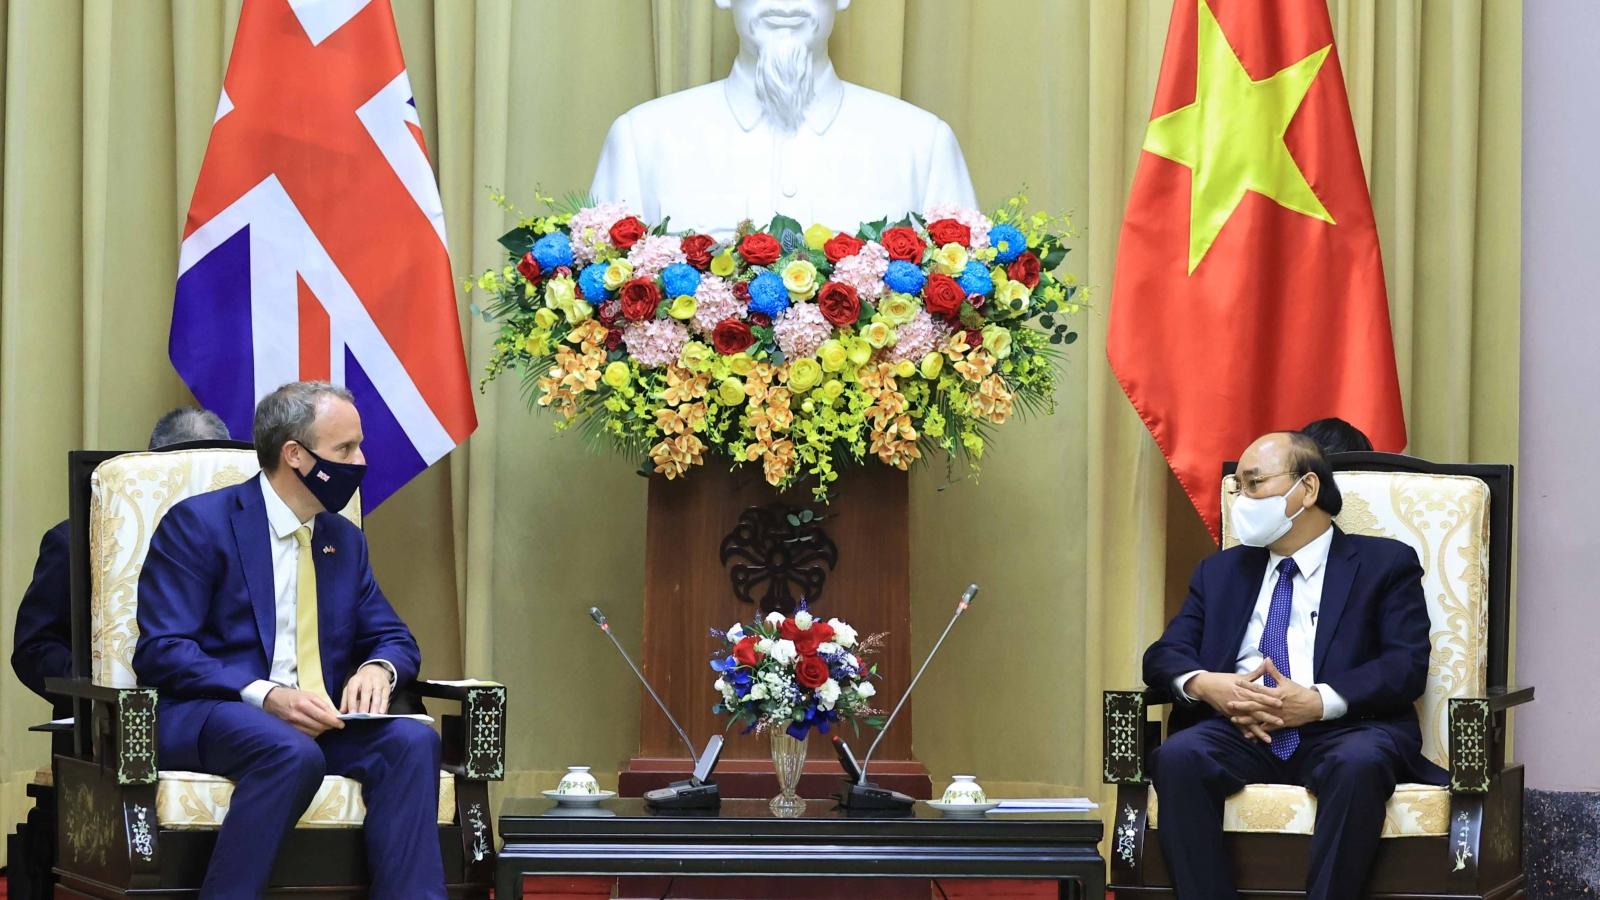 Tiếp tục đẩy mạnh, đưa quan hệ đối tác chiến lược Việt Nam-Anh đi vào chiều sâu, hiệu quả